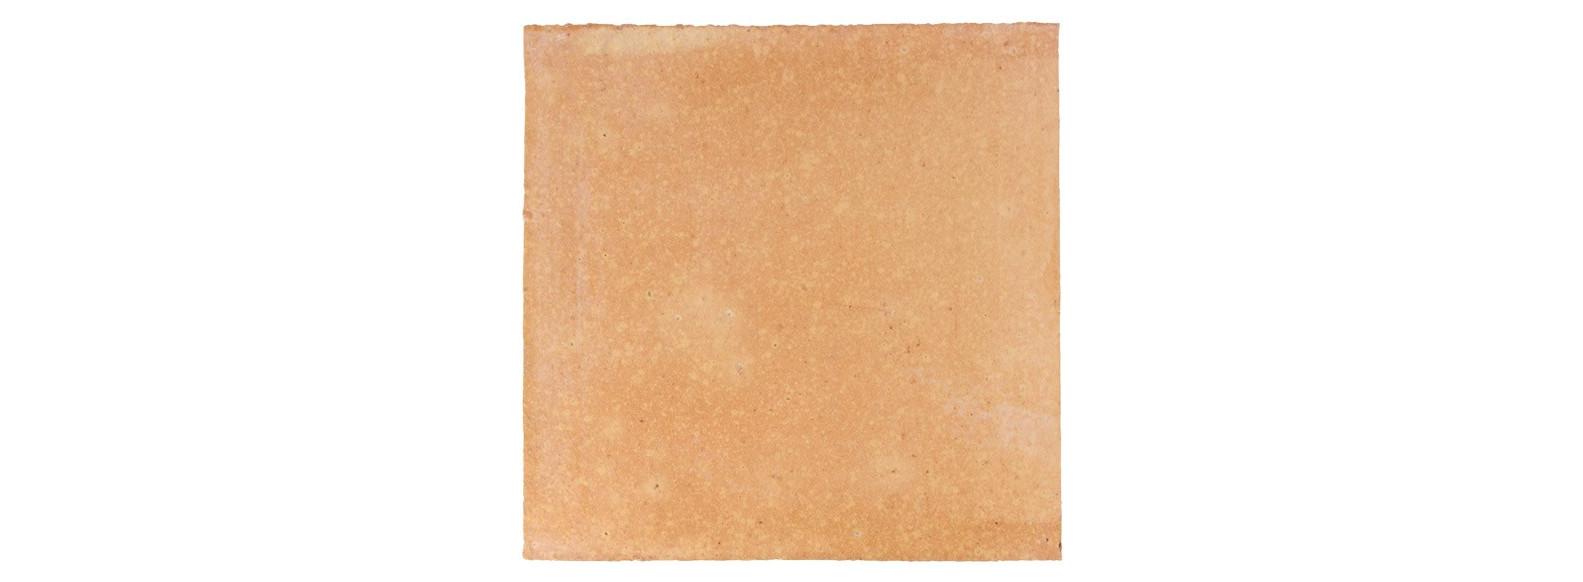 échantillon de terre cuite lisse - Sable rosé clair